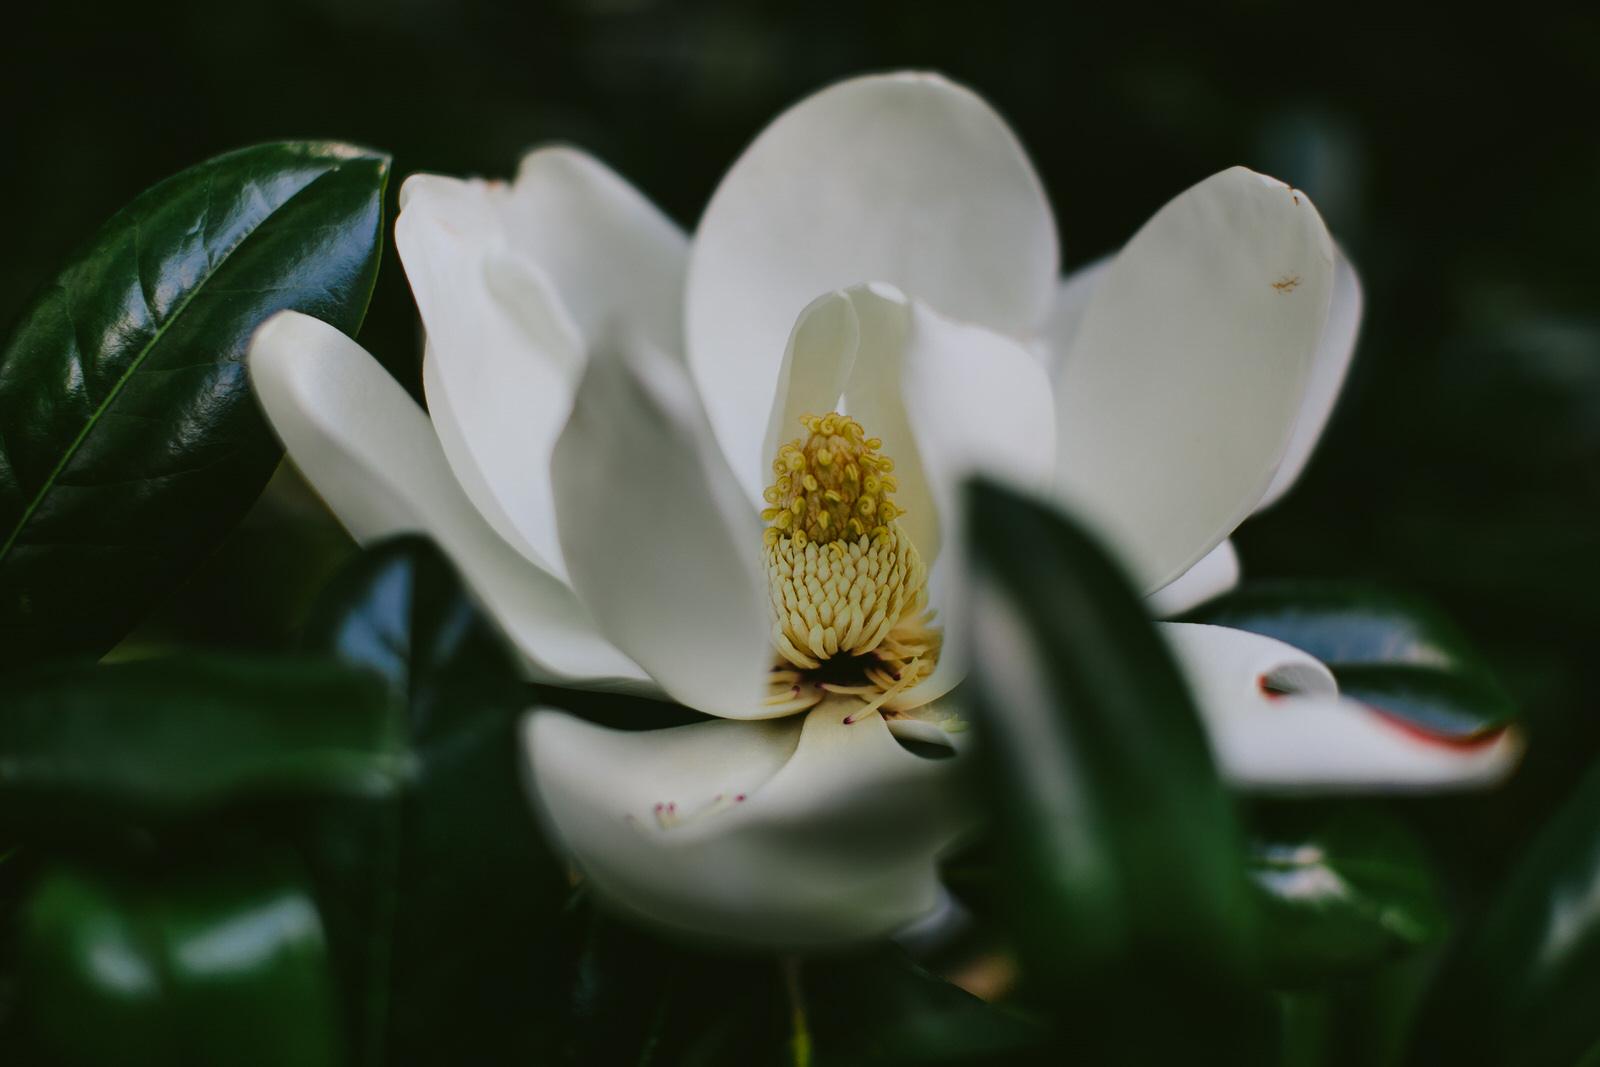 magnolia-tree-tiny-house-photo-nature-centennial-park-nashville.jpg